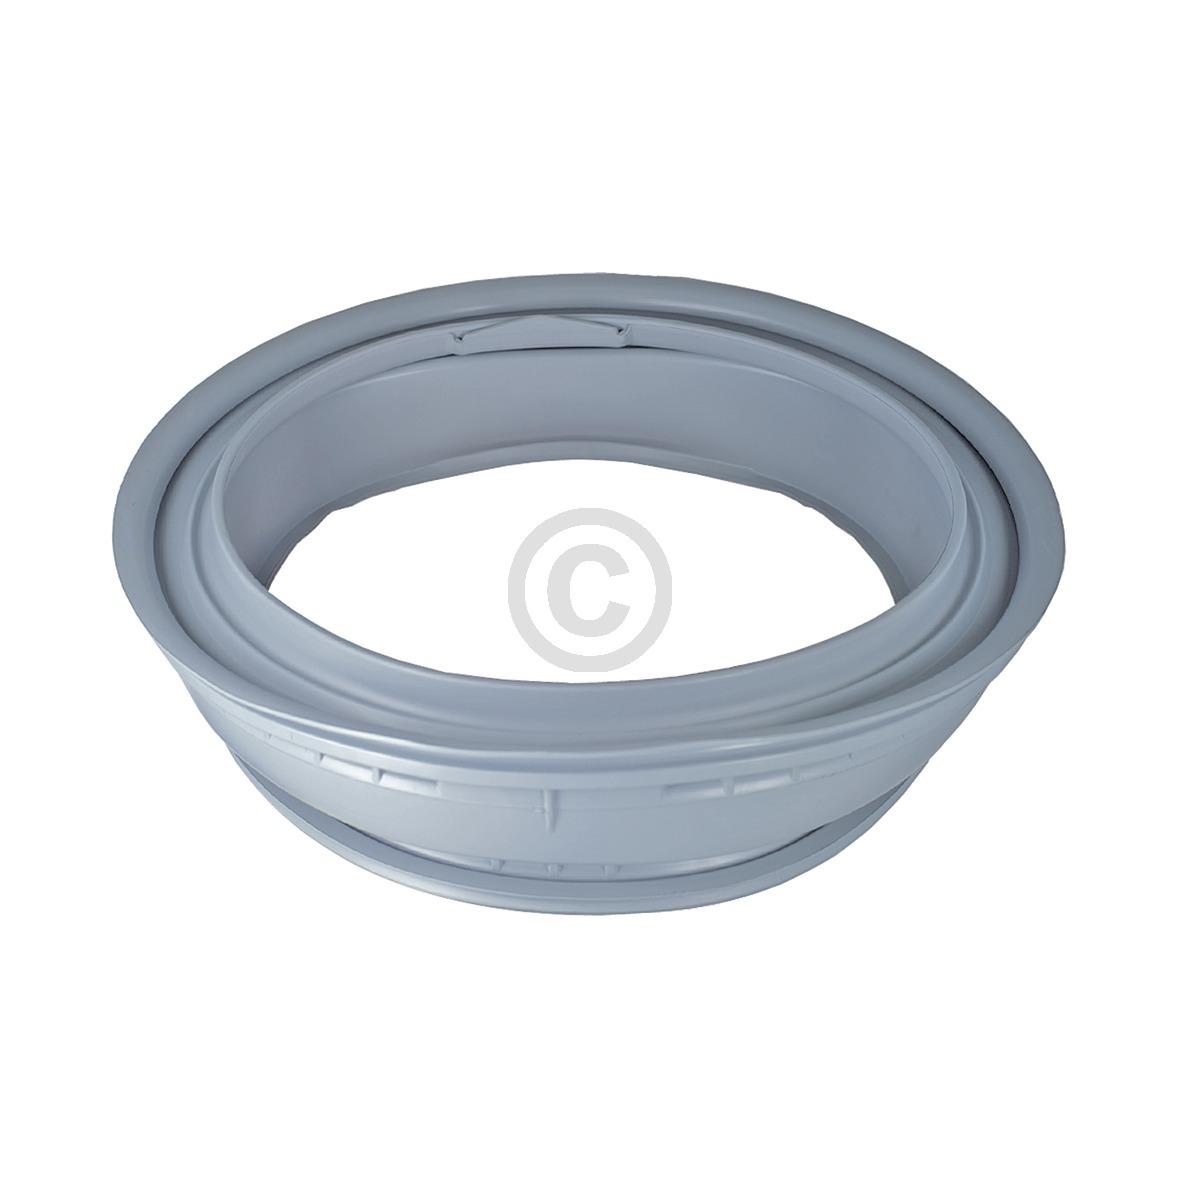 Türmanschette Bosch 00354135 laugenbeständig für Waschmaschine Frontlader